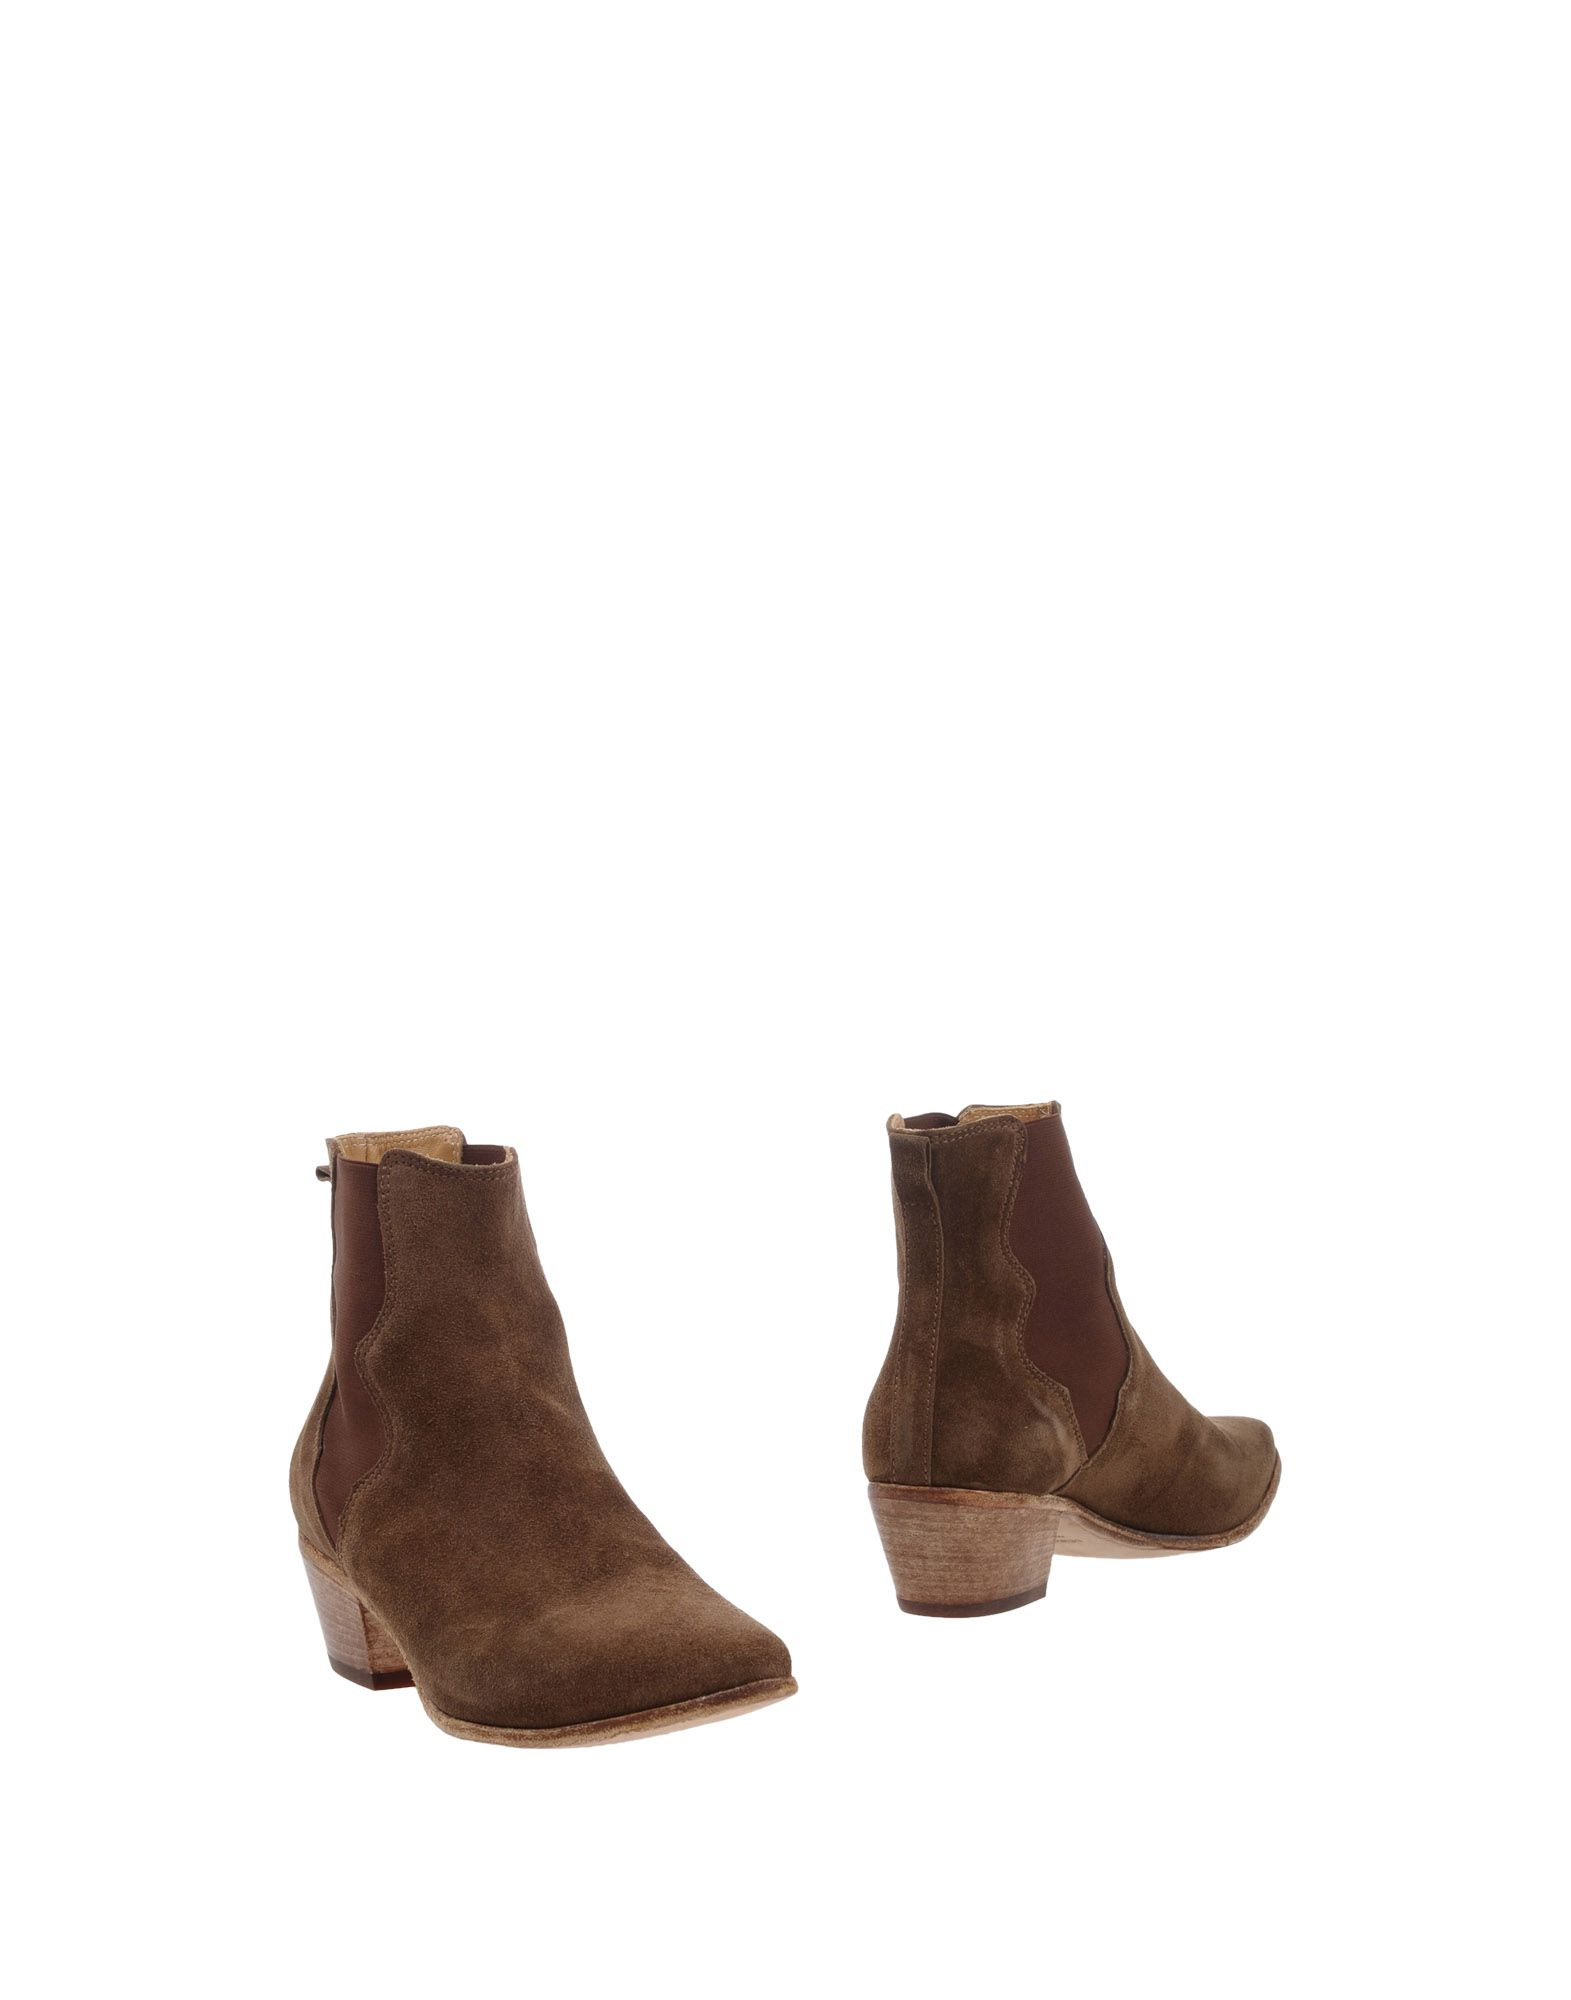 LEMARÉ Полусапоги и высокие ботинки купить футбольную форму челси торрес